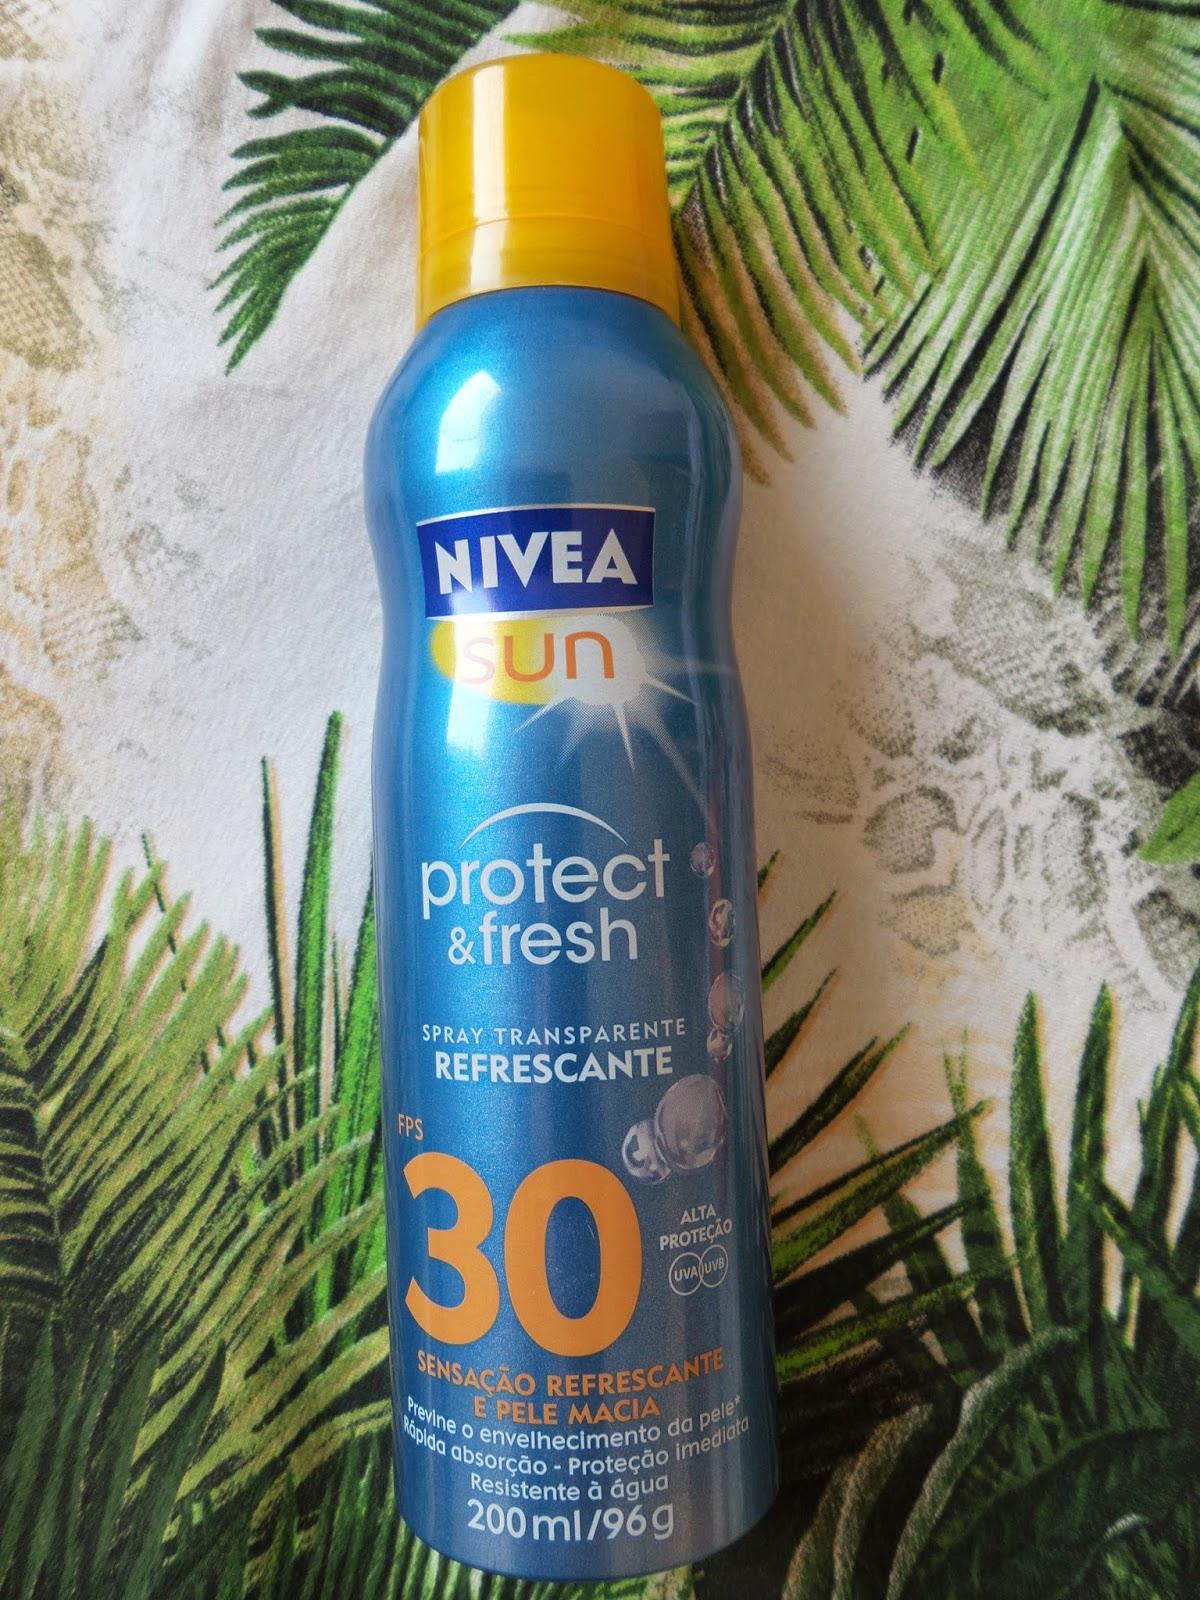 Protetor  Solar para o corpo Nívea SUN Protect & Fresh